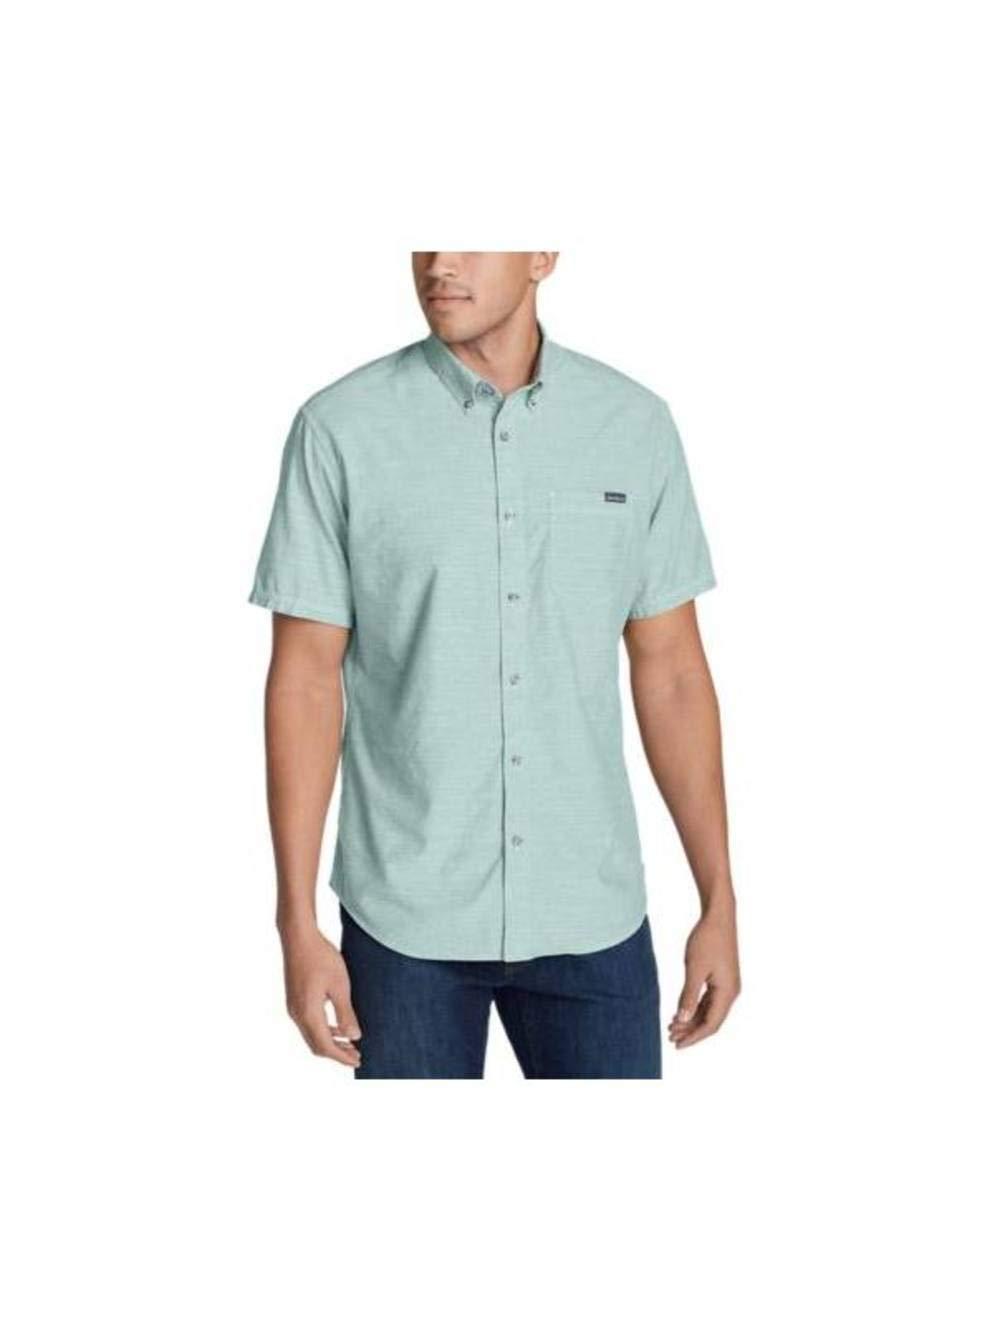 Eddie Bauer Men's Grifton Short-Sleeve Shirt - Solid